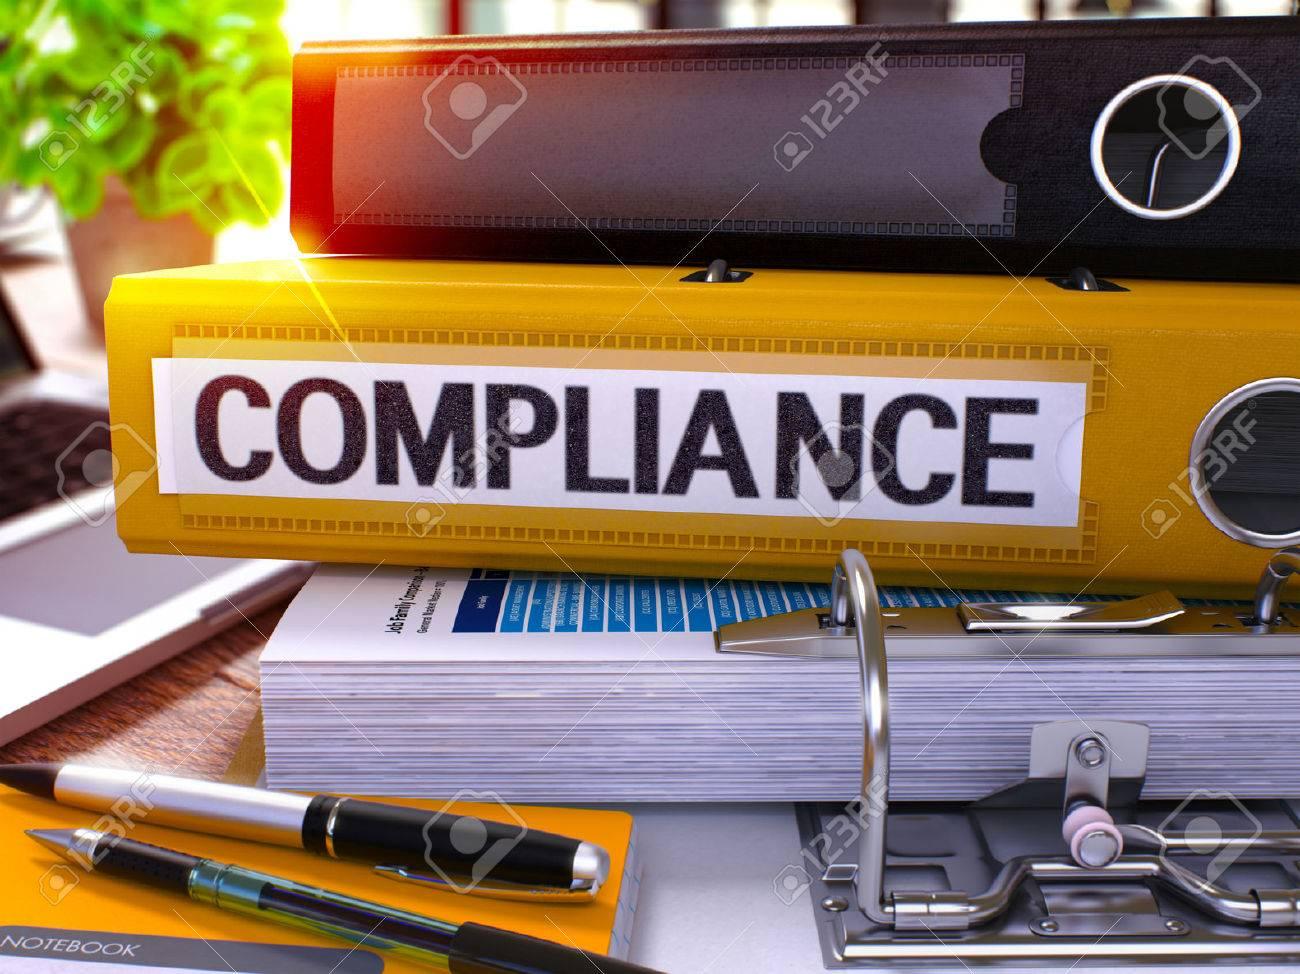 Gelb Ringbuch mit Beschriftung Konformität auf Hintergrund der Arbeitstisch mit Büromaterial und Laptop. Compliance-Business-Konzept auf unscharfen Hintergrund. 3D übertragen. Standard-Bild - 52232524